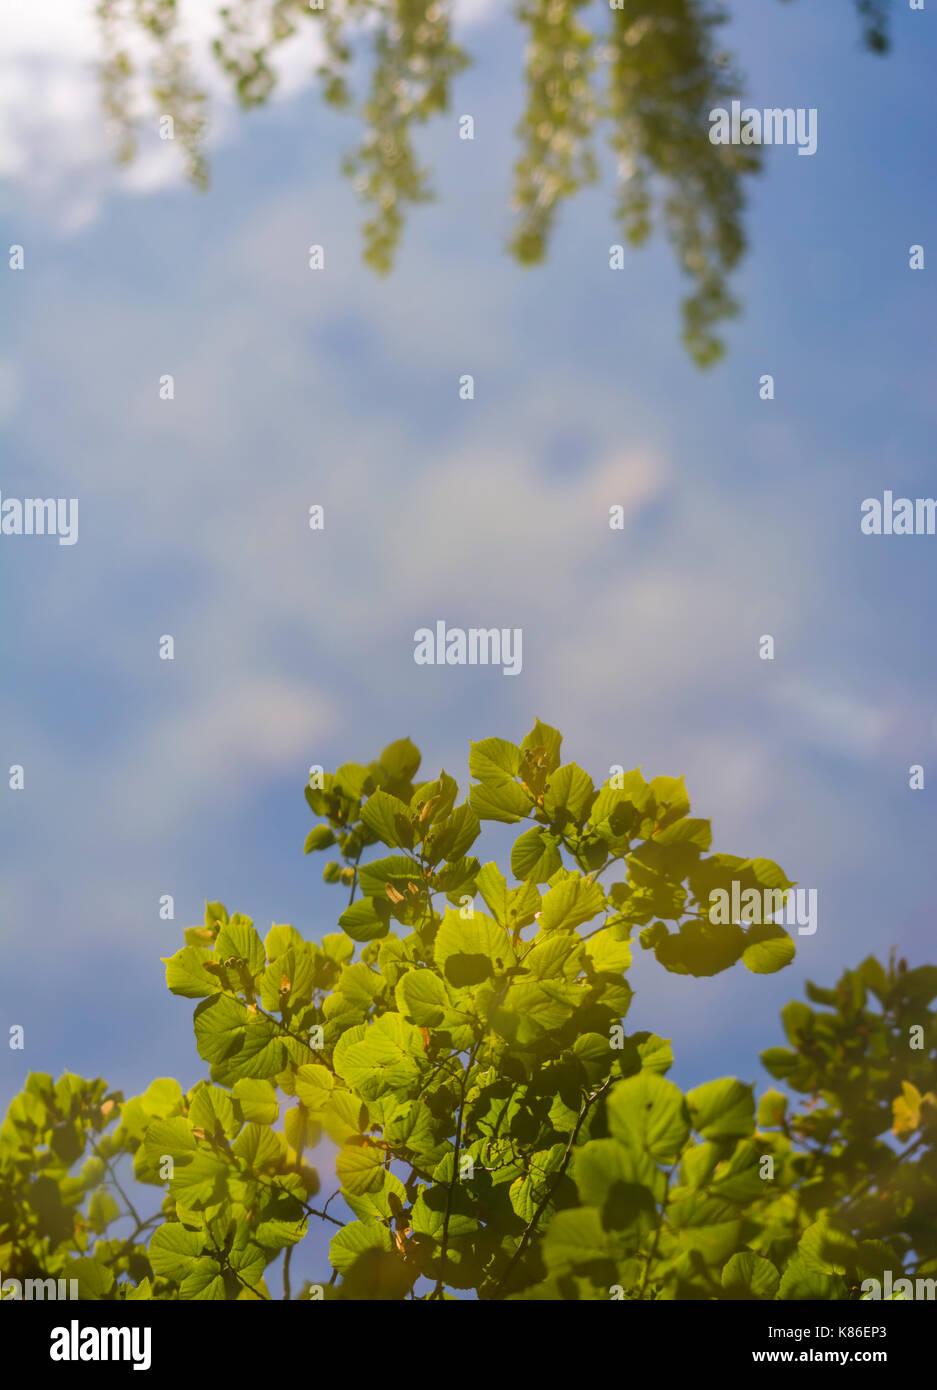 Blauer Himmel und Bäume in ruhigem Wasser reflektieren auf einen Herbst Tag in Großbritannien. Perfekte Reflektion im Wasser, im Porträt mit kopieren. Stockbild